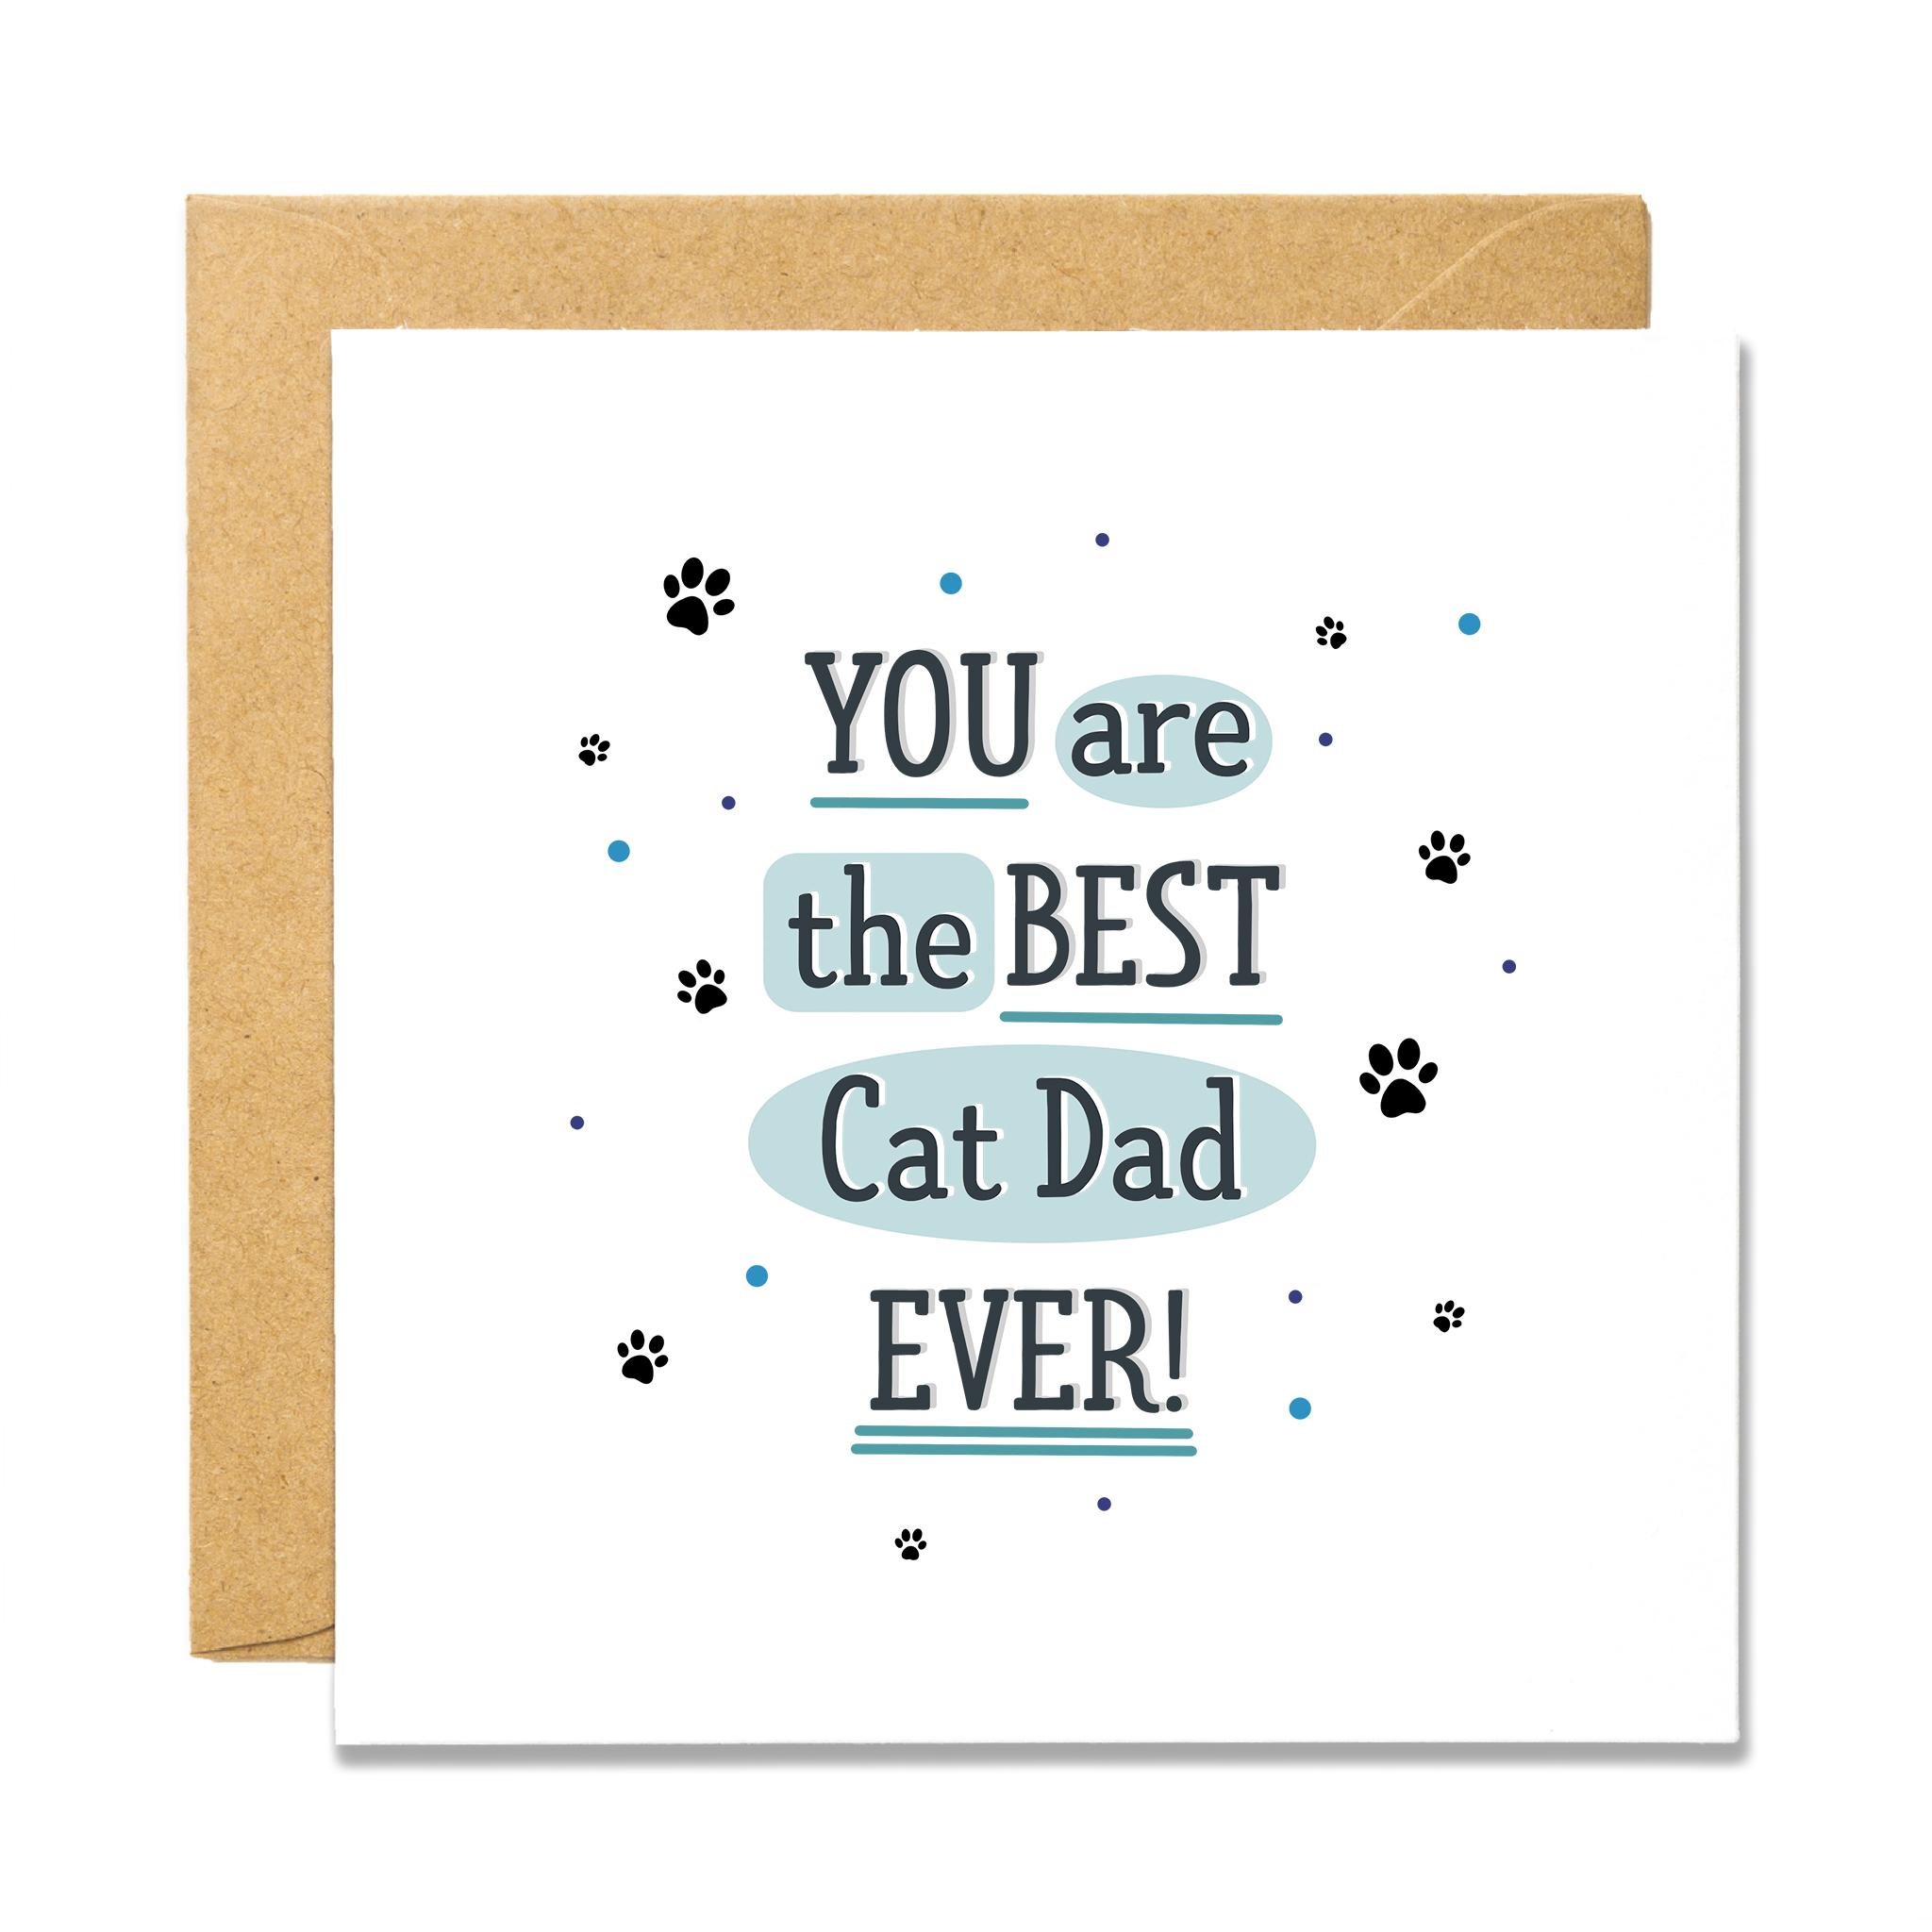 The Best Cat Dad